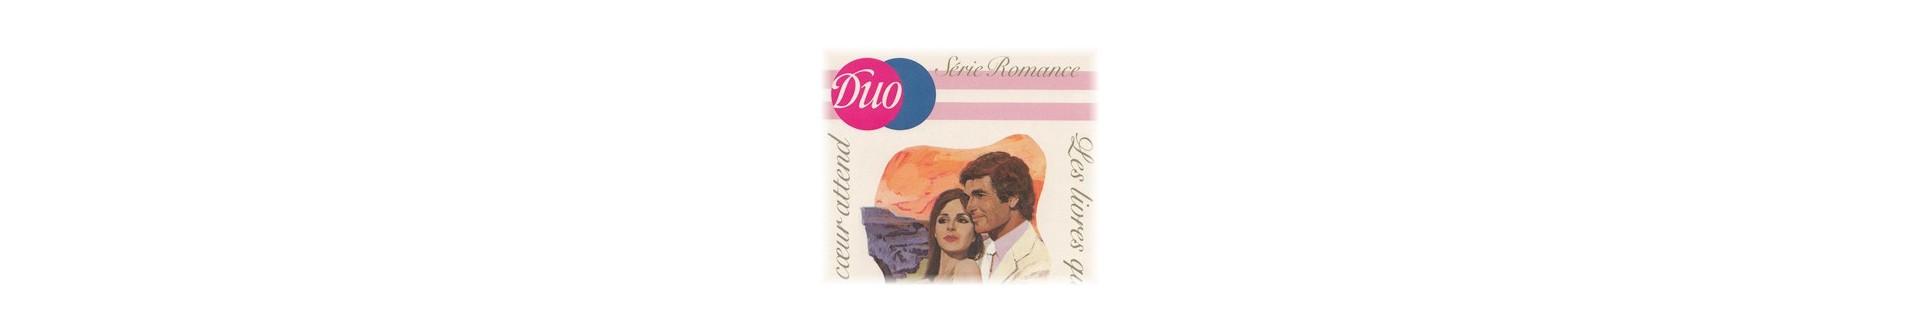 Duo Romance | Éditions J'ai lu & Harlequin | Livres d'occasion